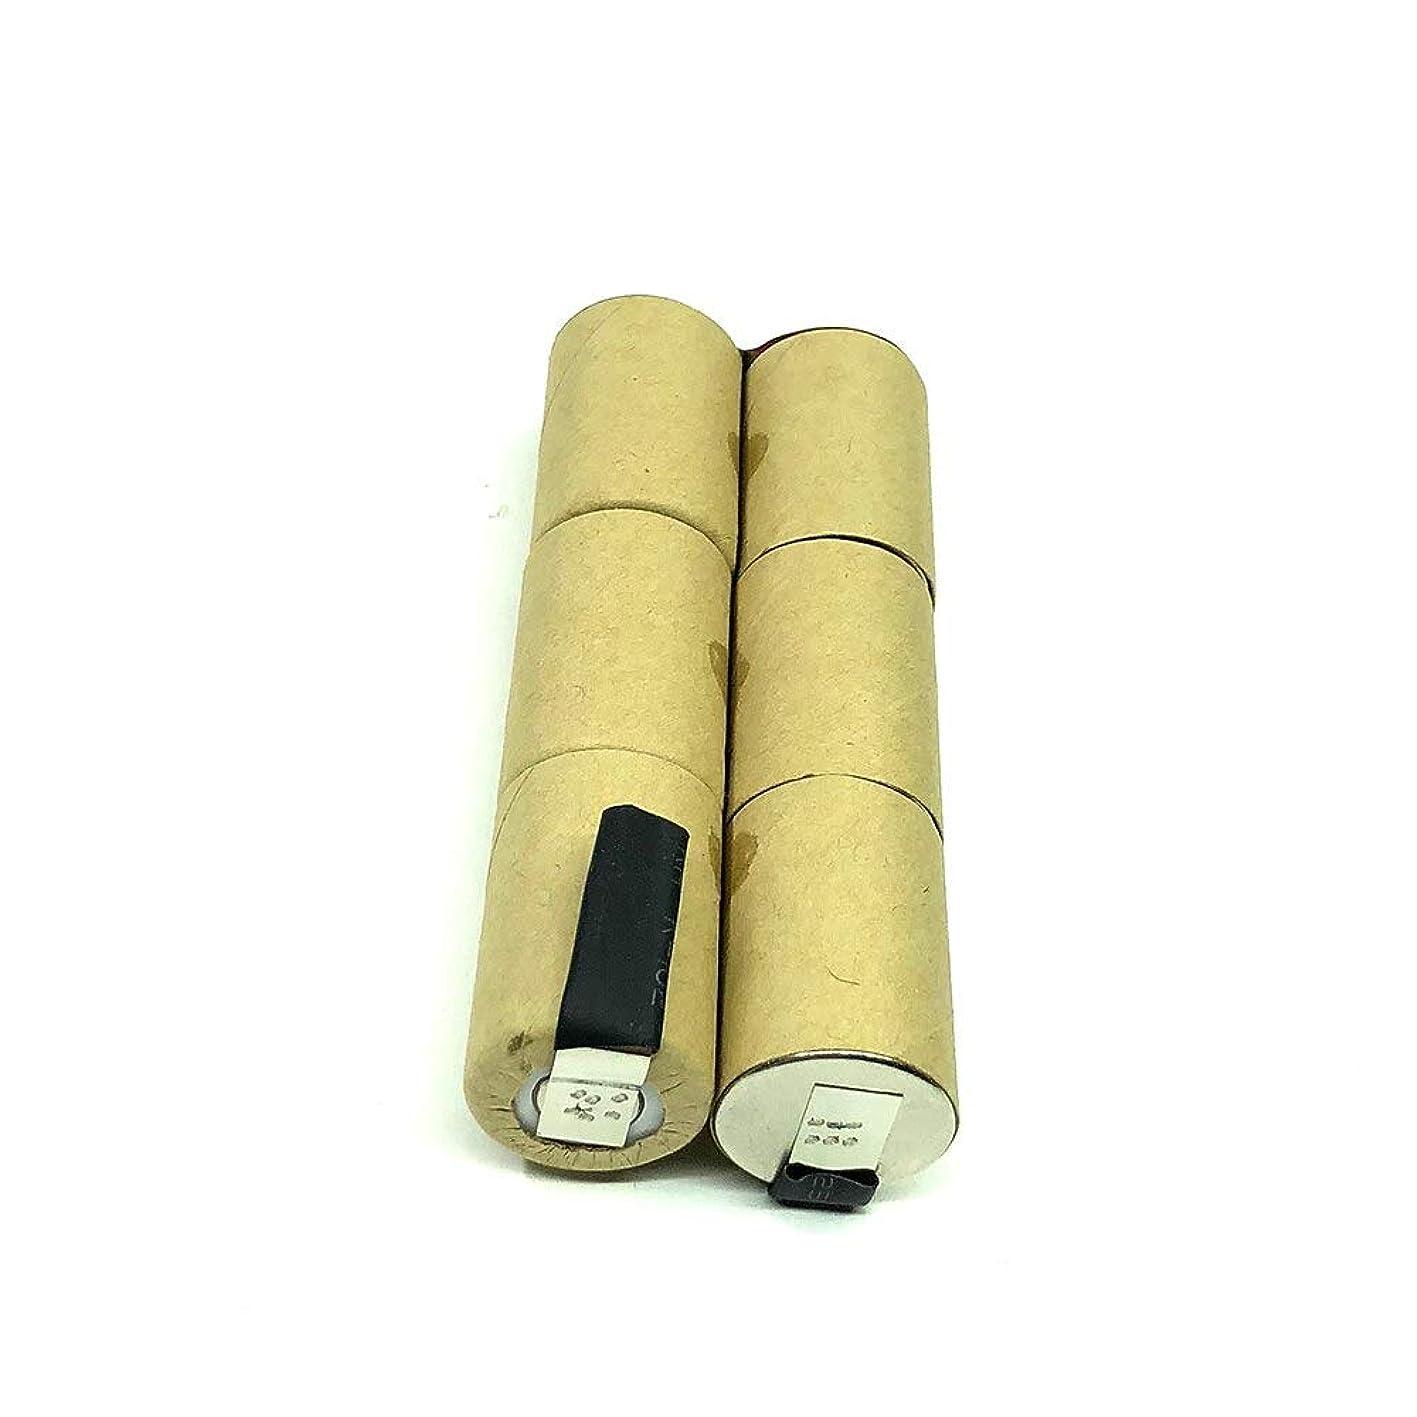 スチュアート島炎上バルセロナSeilylanka 3000mAhのために Bosch (ボッシュ) 7.2V Ni MH バッテリーパック CD 2607300001 2607335020 2607335175 1542951032 自己インストール用